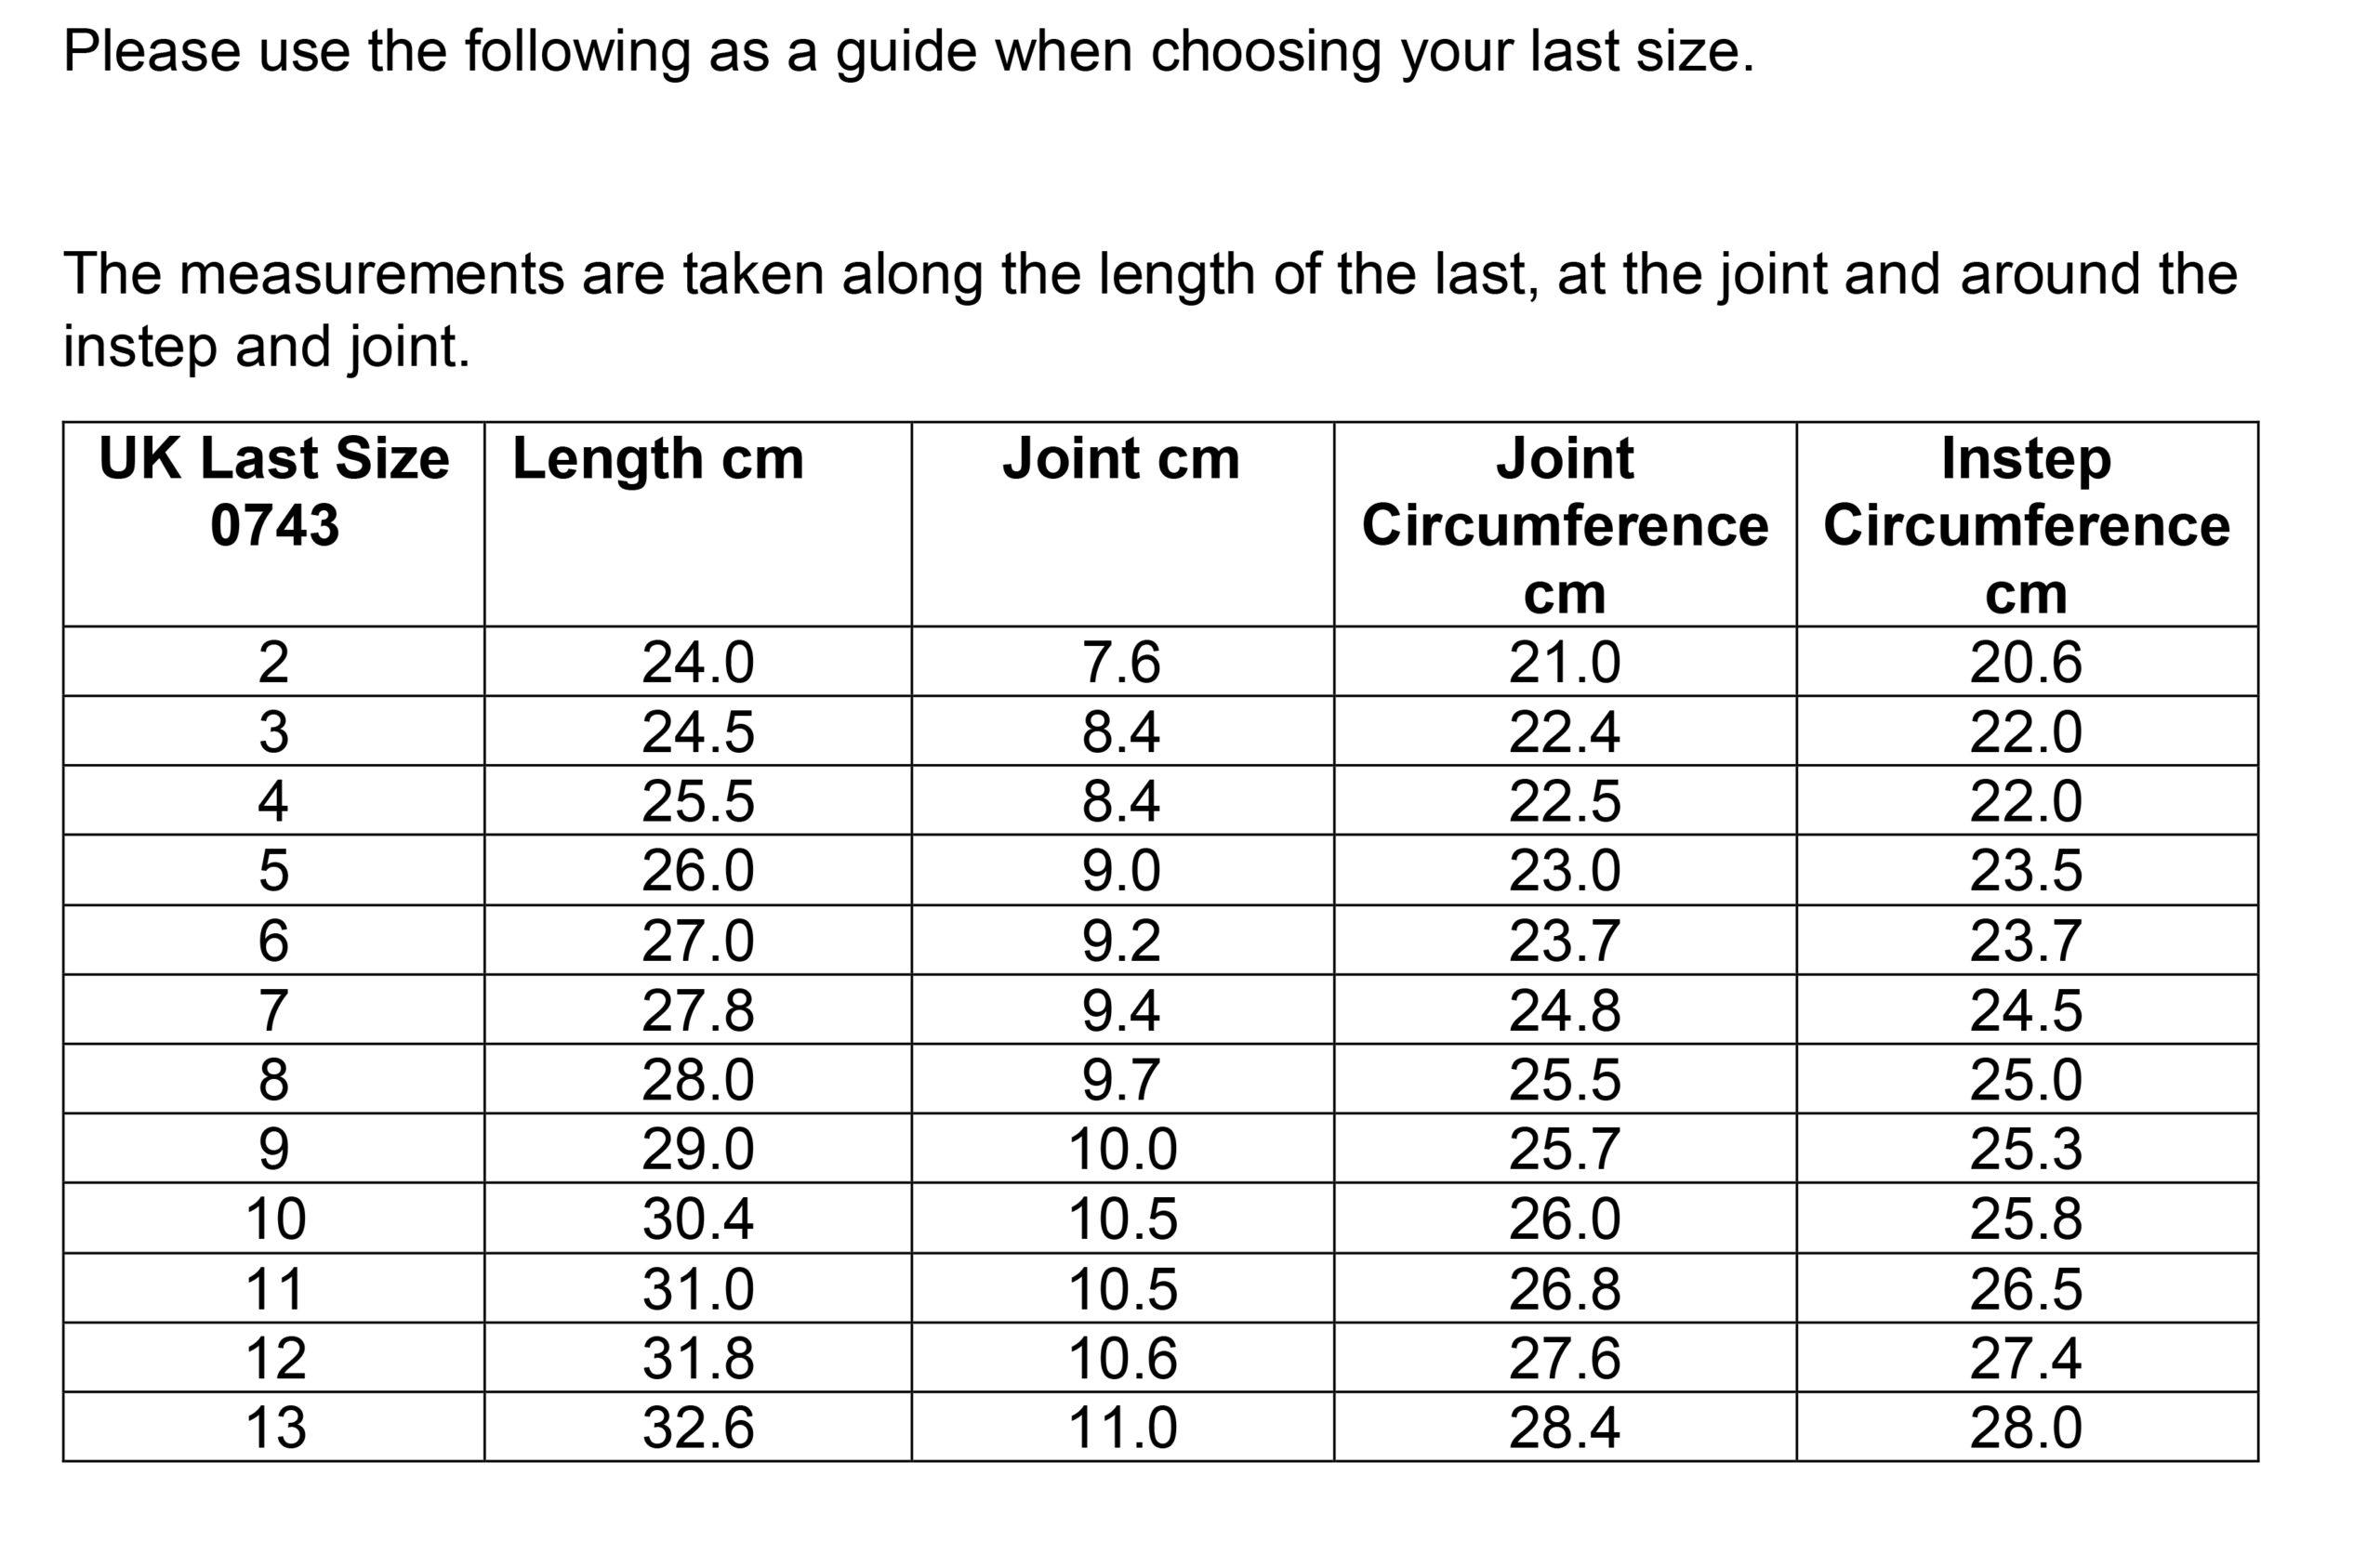 Carreducker 0743 last measurements